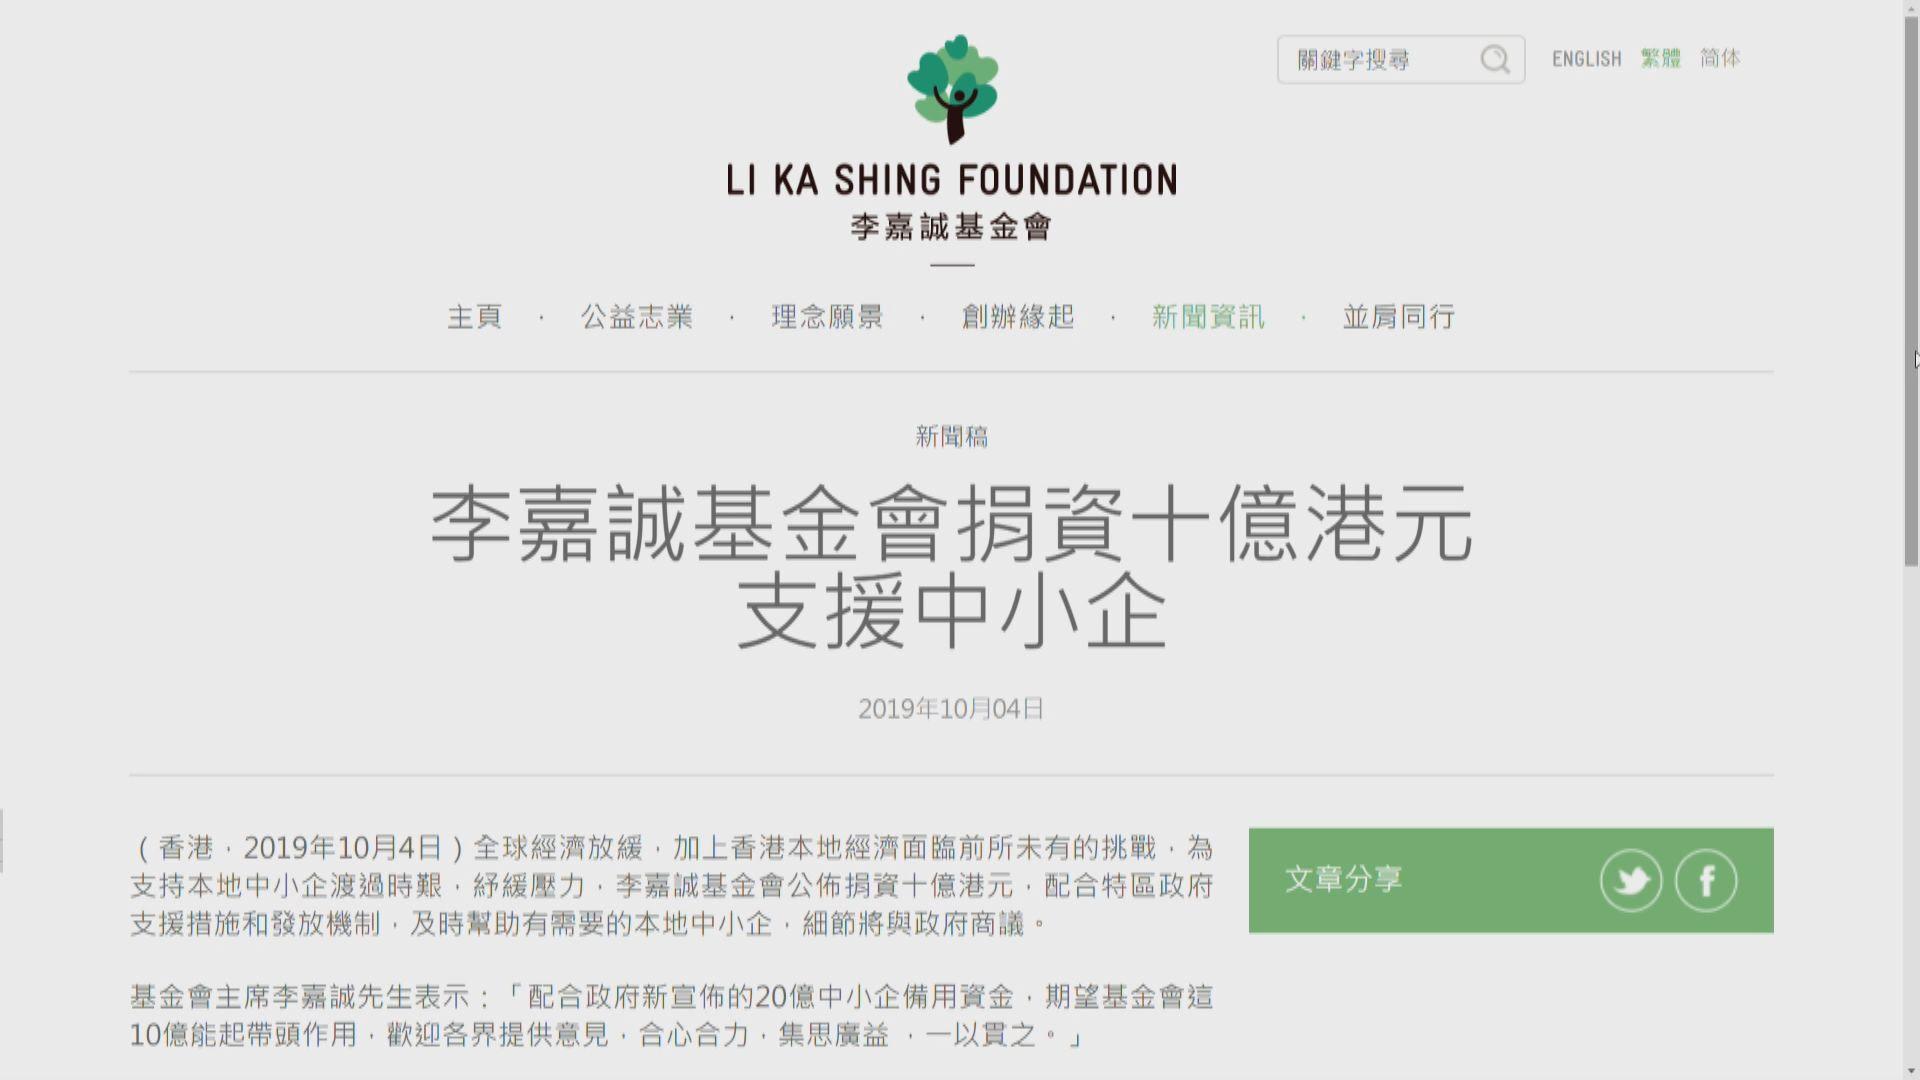 【望可帶頭】李嘉誠基金會捐10億支援中小企